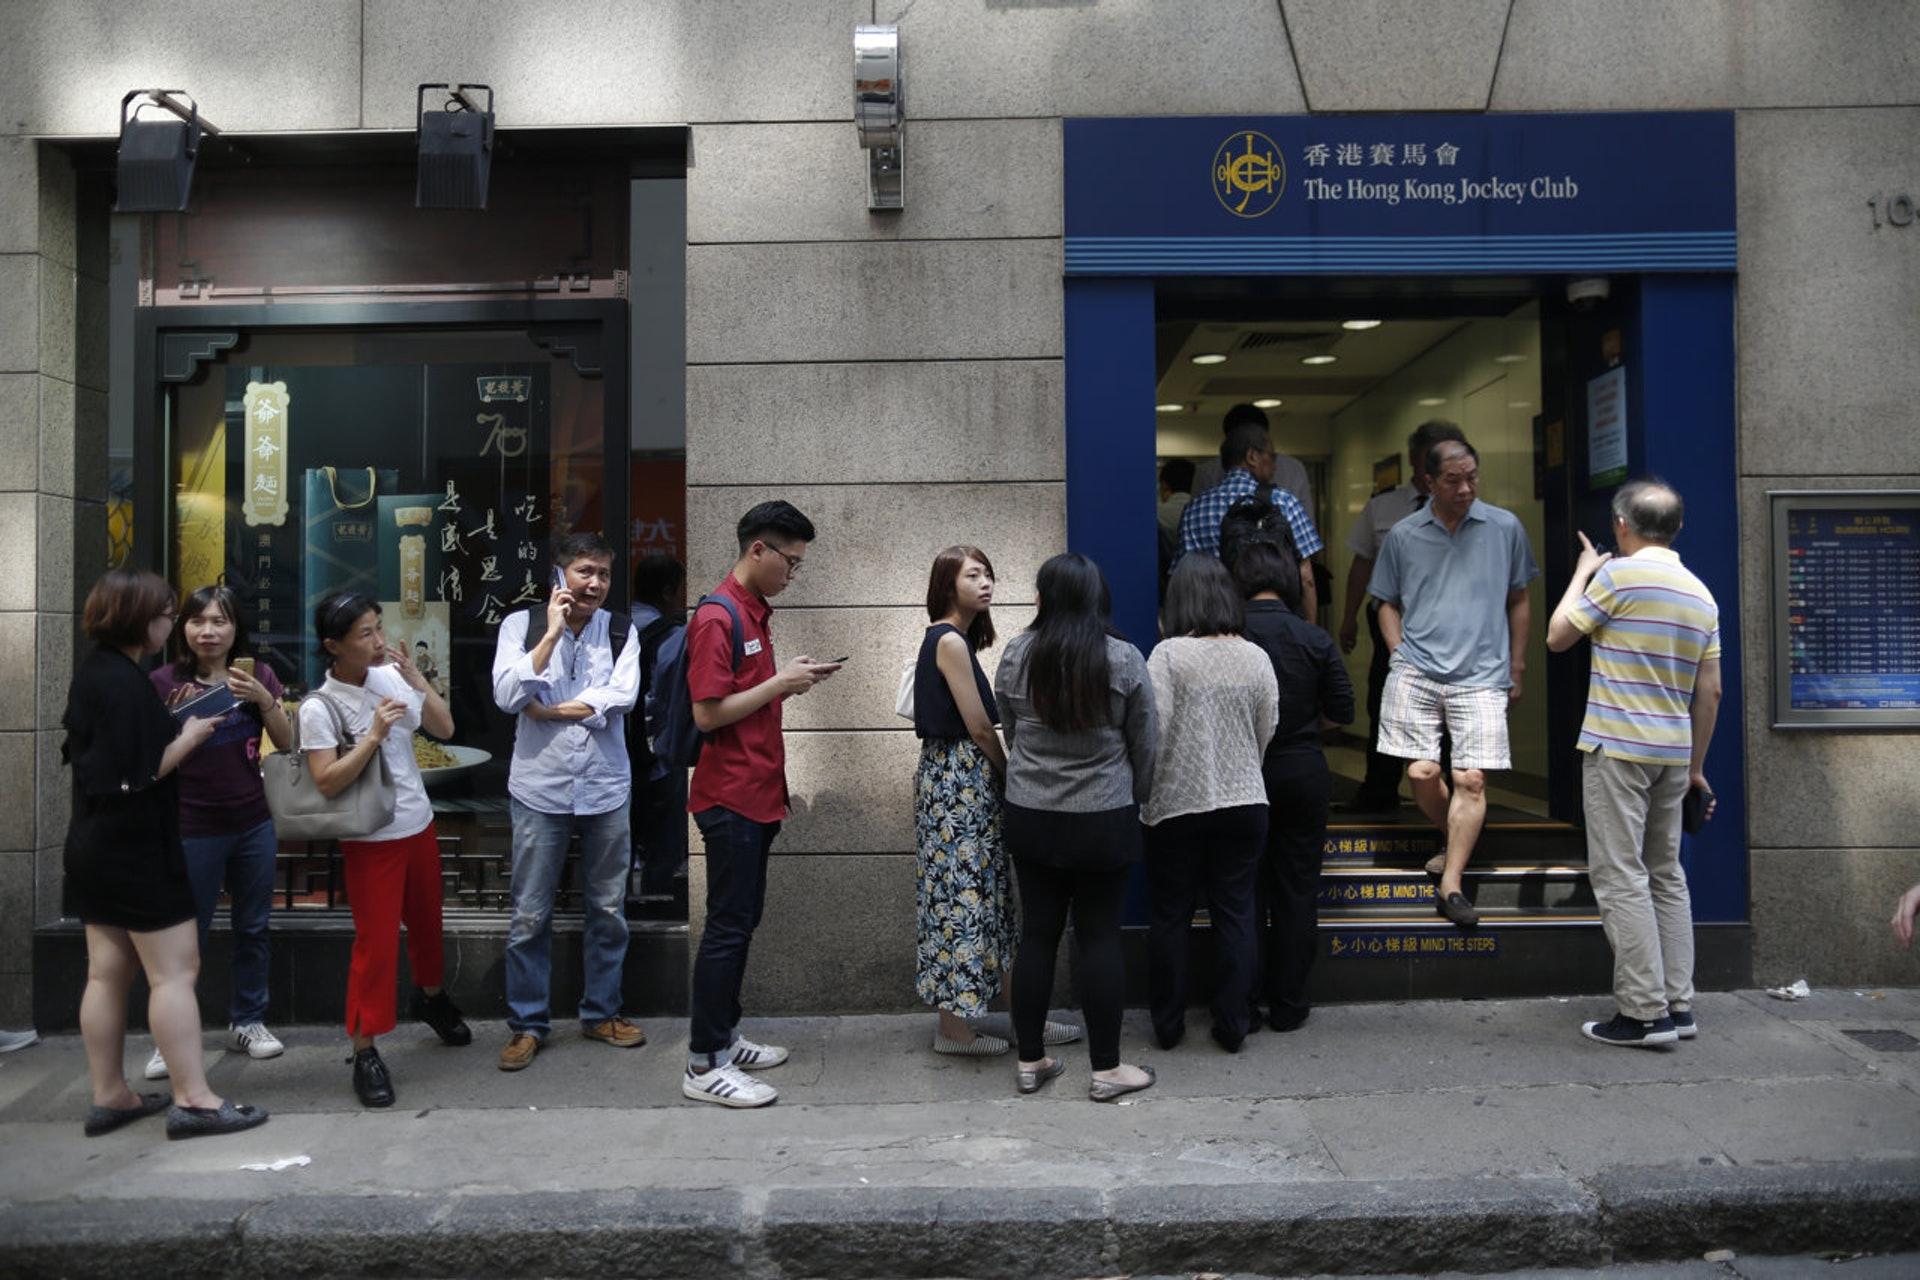 歷來售出最多六合彩頭獎彩票的中環士丹利街投注站,今年仍未「開齋」。(梁鵬威攝)